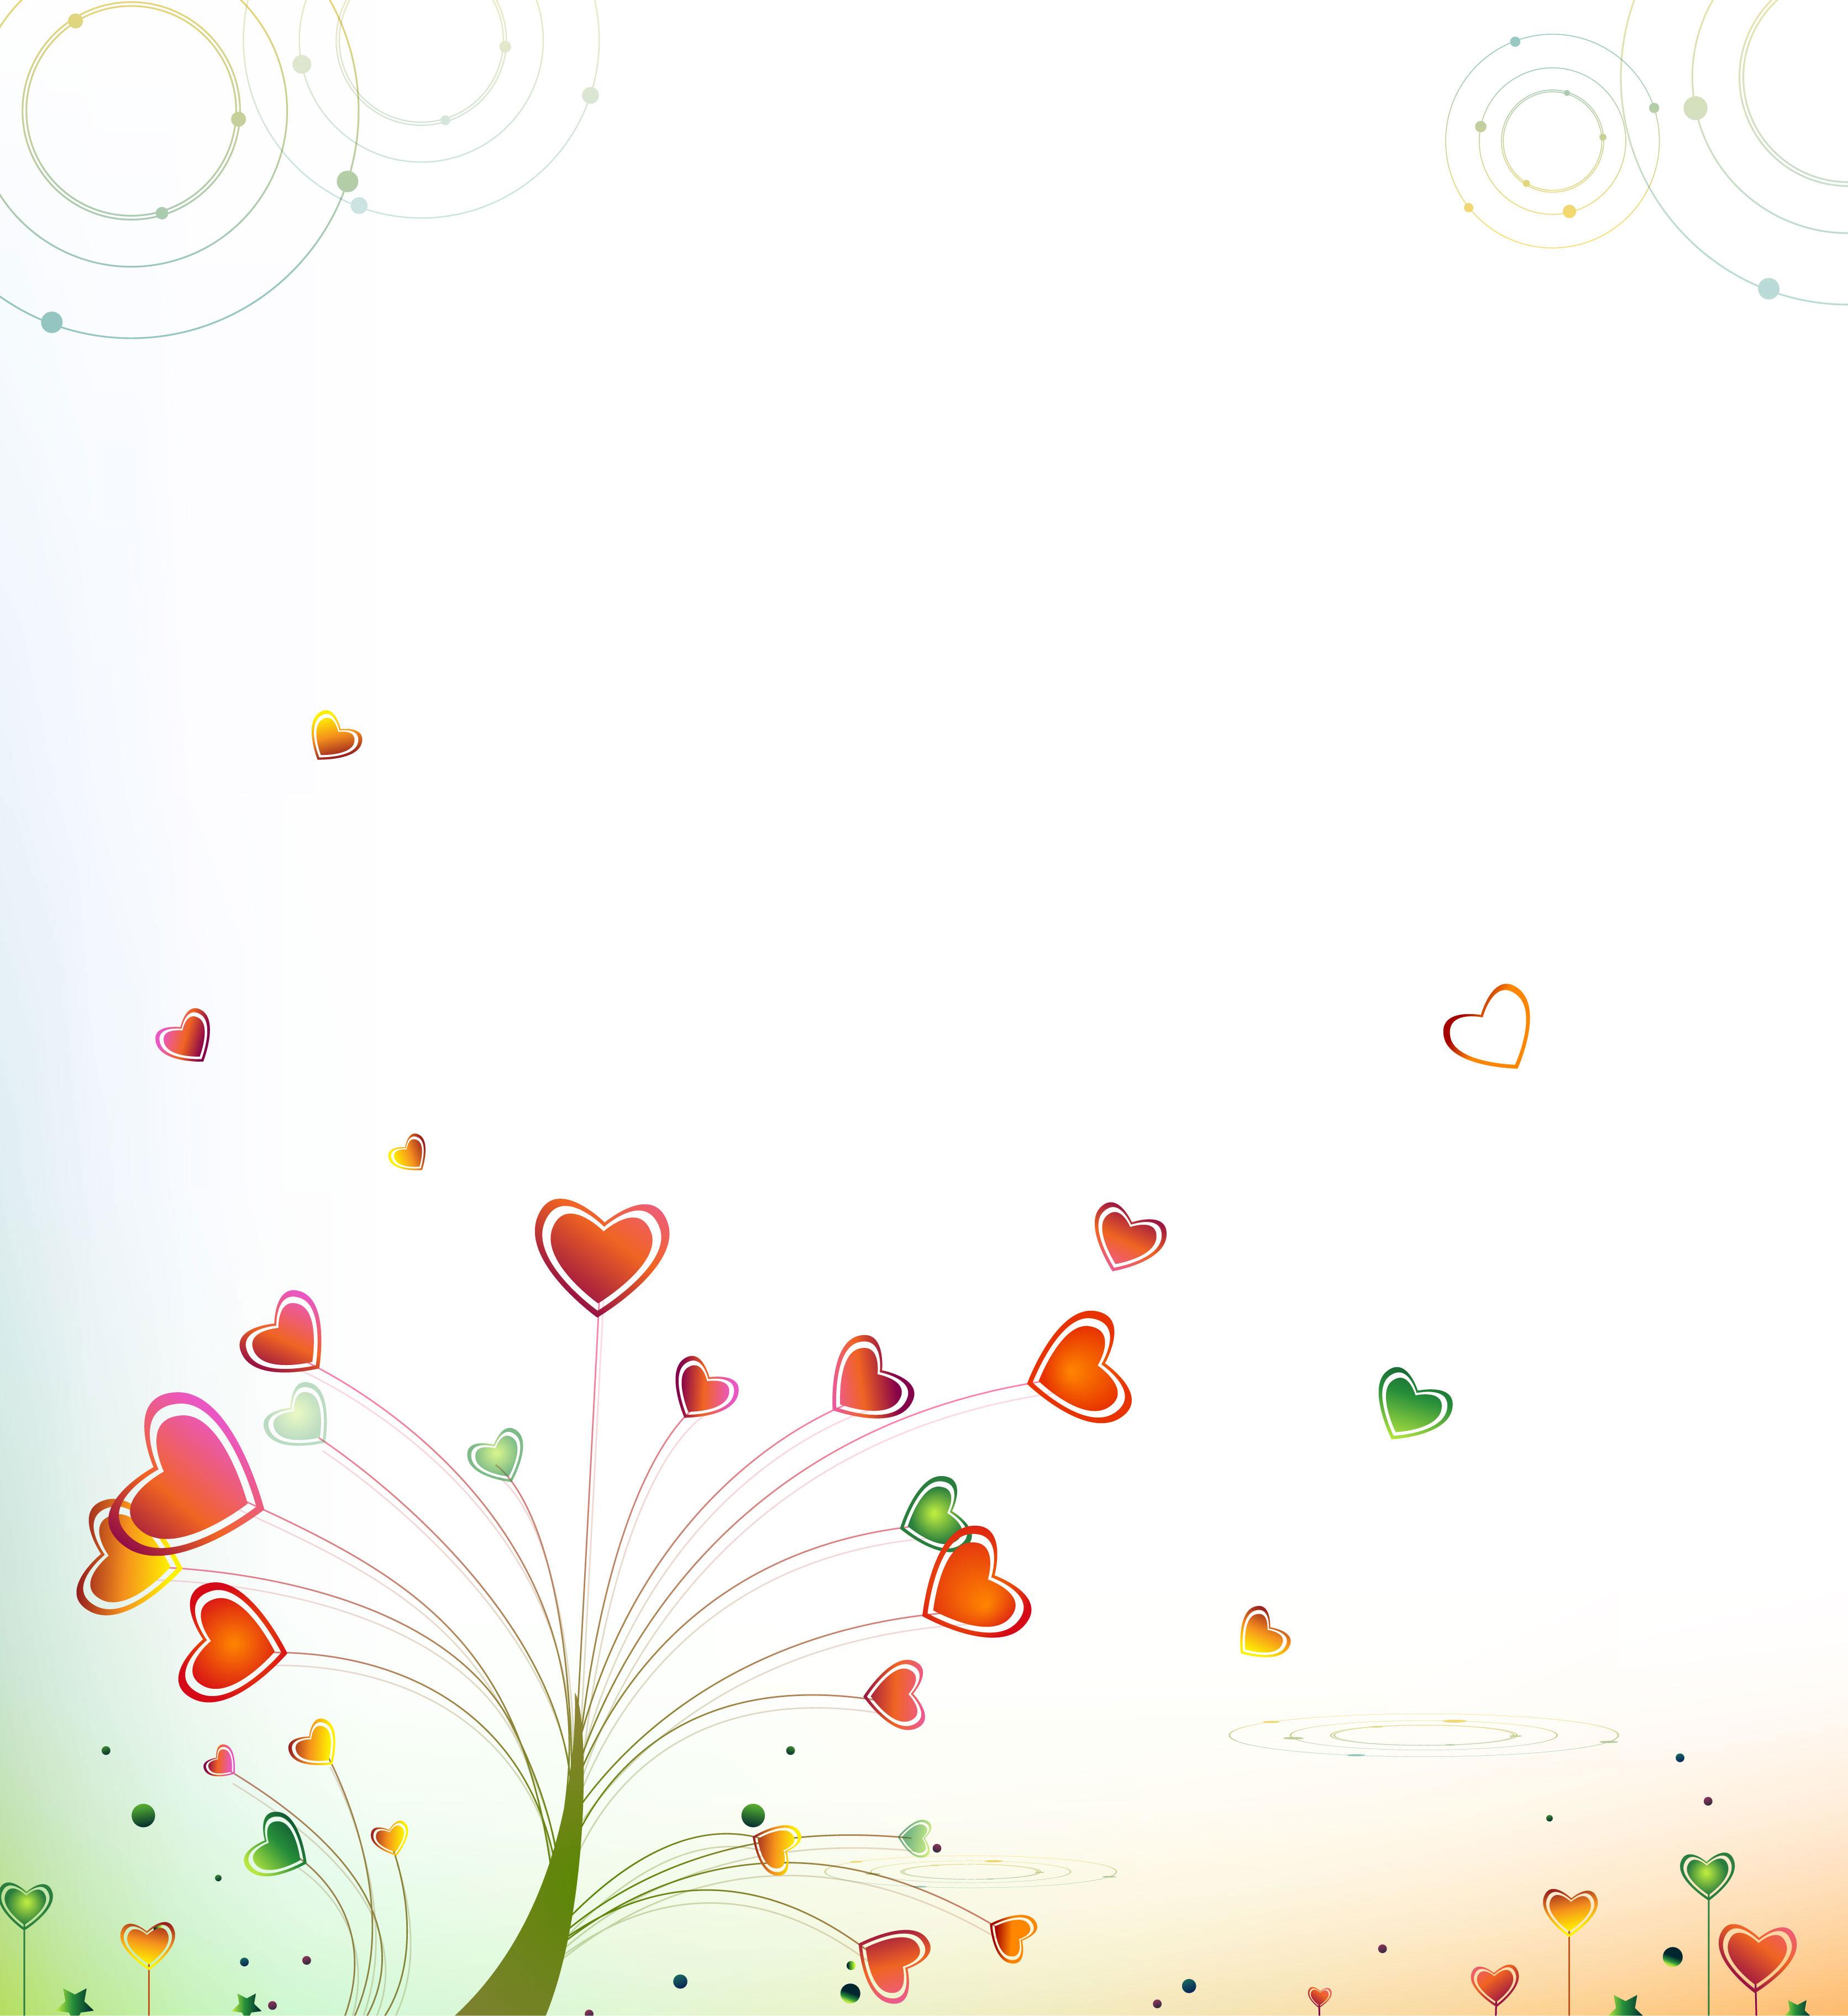 花のイラスト『壁紙・背景5』/無料のフリー素材集【百花繚乱】